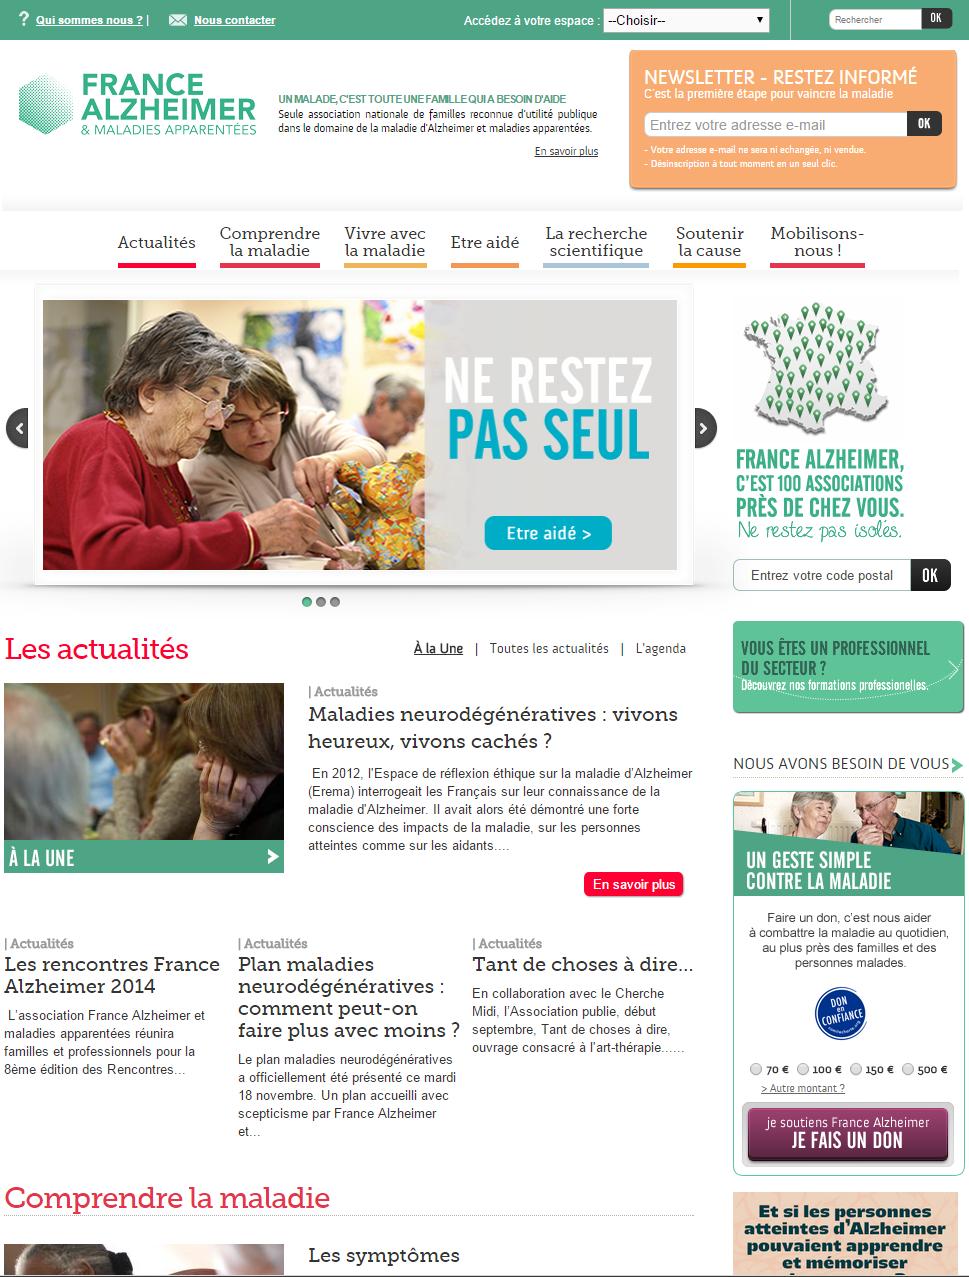 Le site web de l'Association France Alzheimer est destiné aux personnes atteintes de la maladie d'Alzheimer, à leurs familles et à toutes les personnes se posant des questions sur cette maladie.